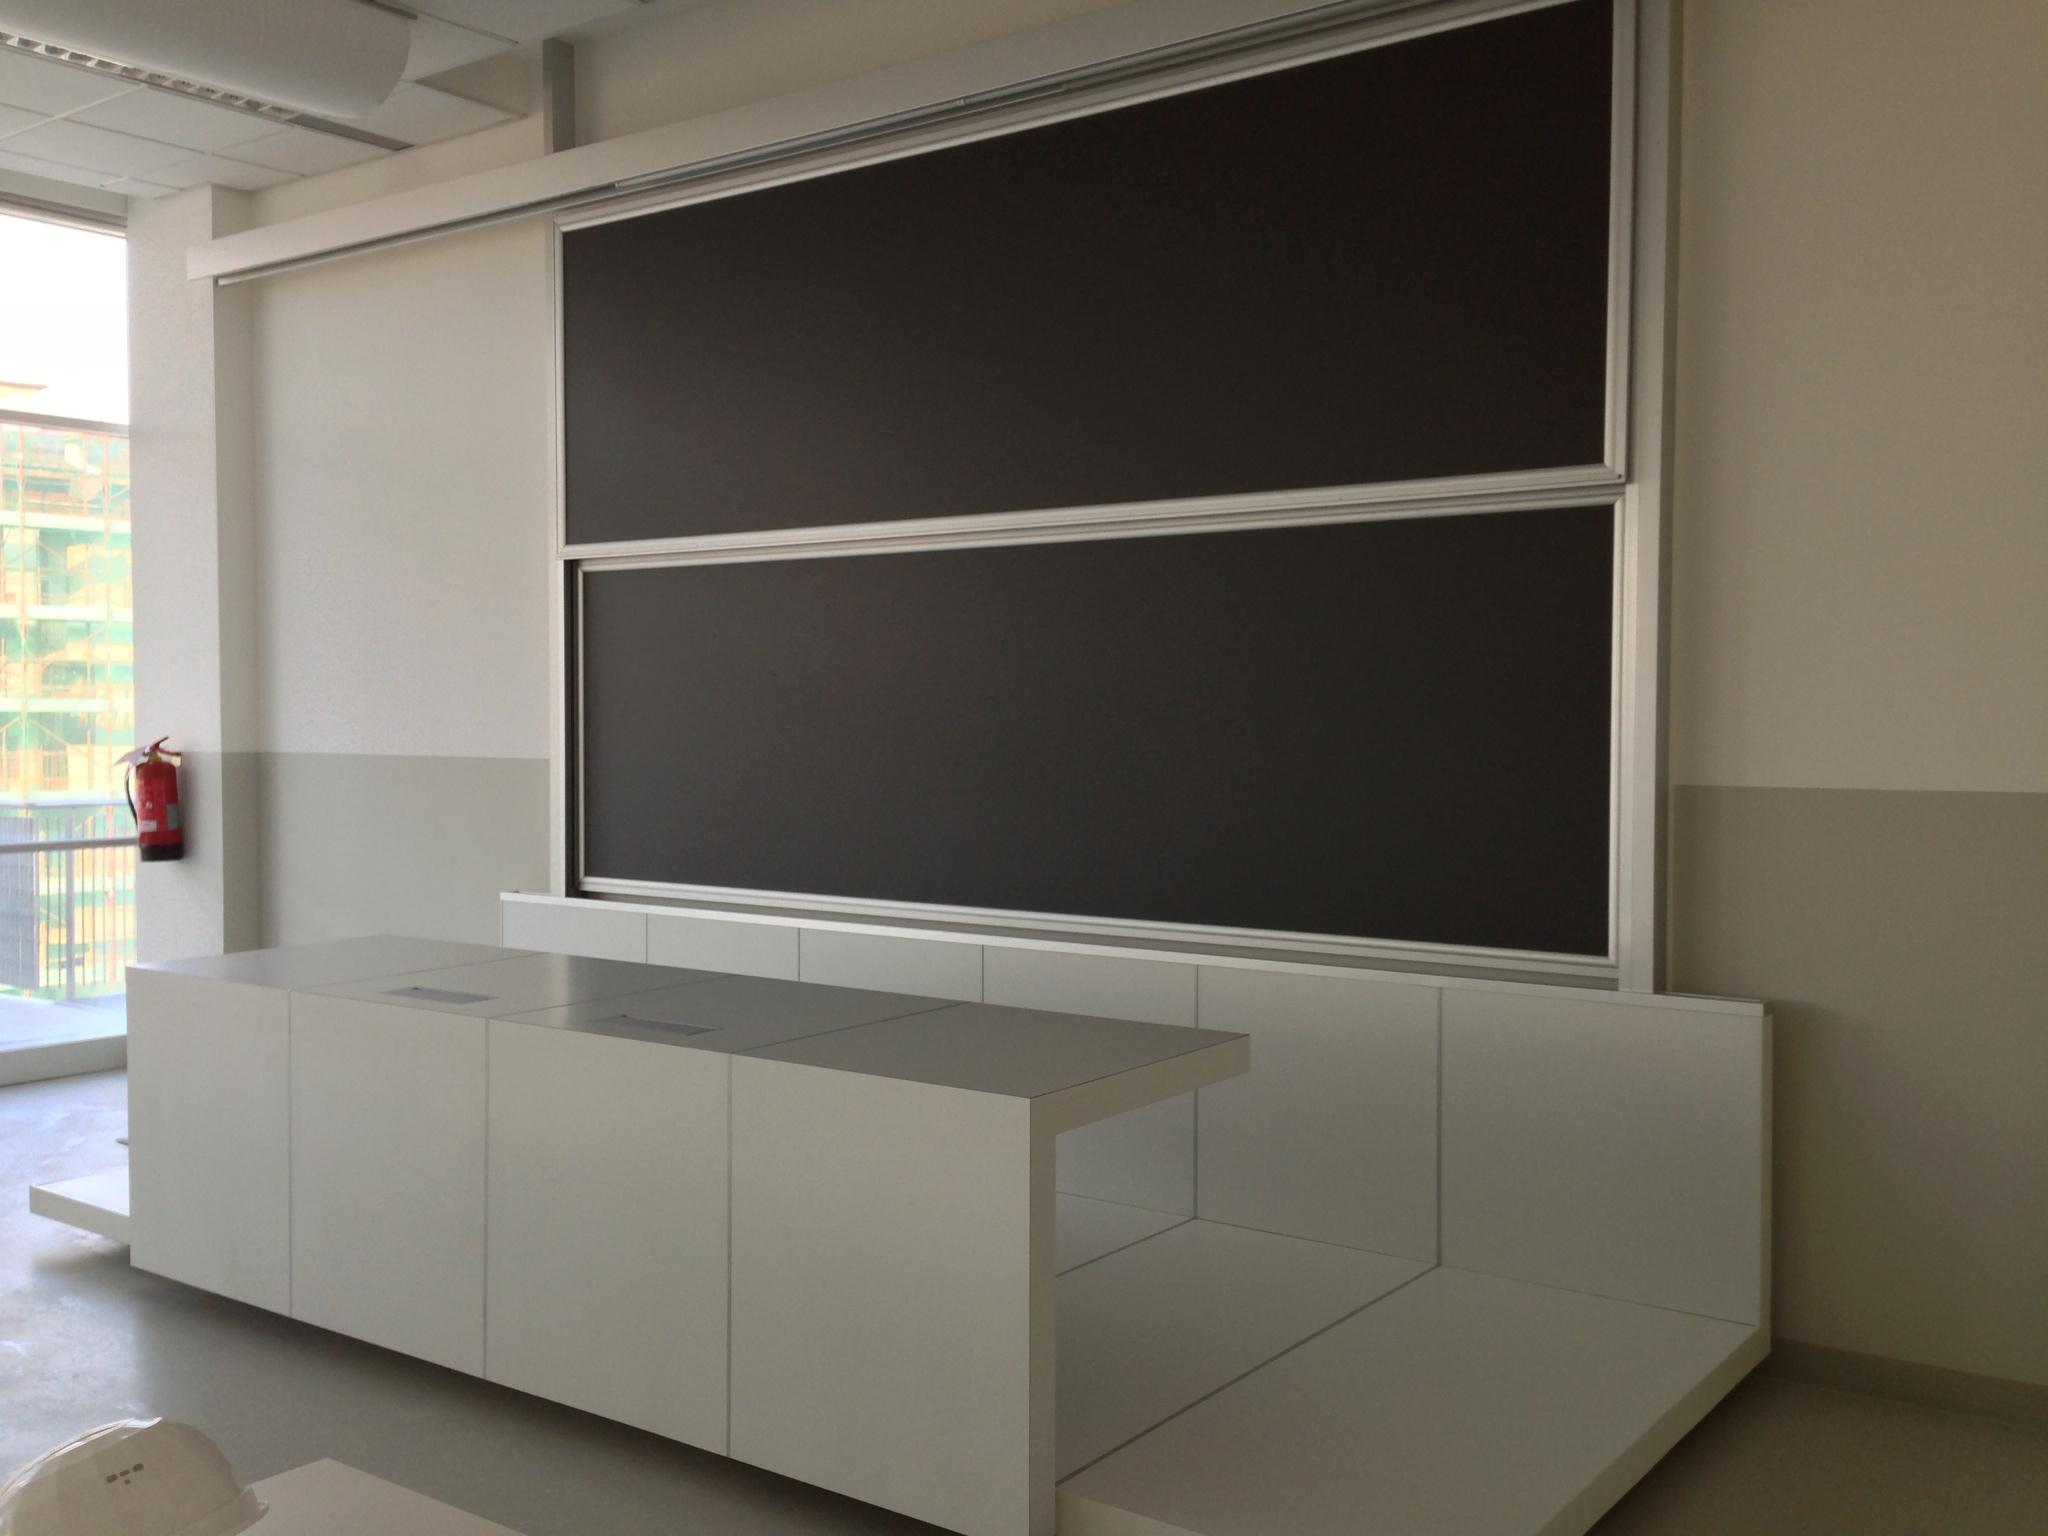 Platform and desks